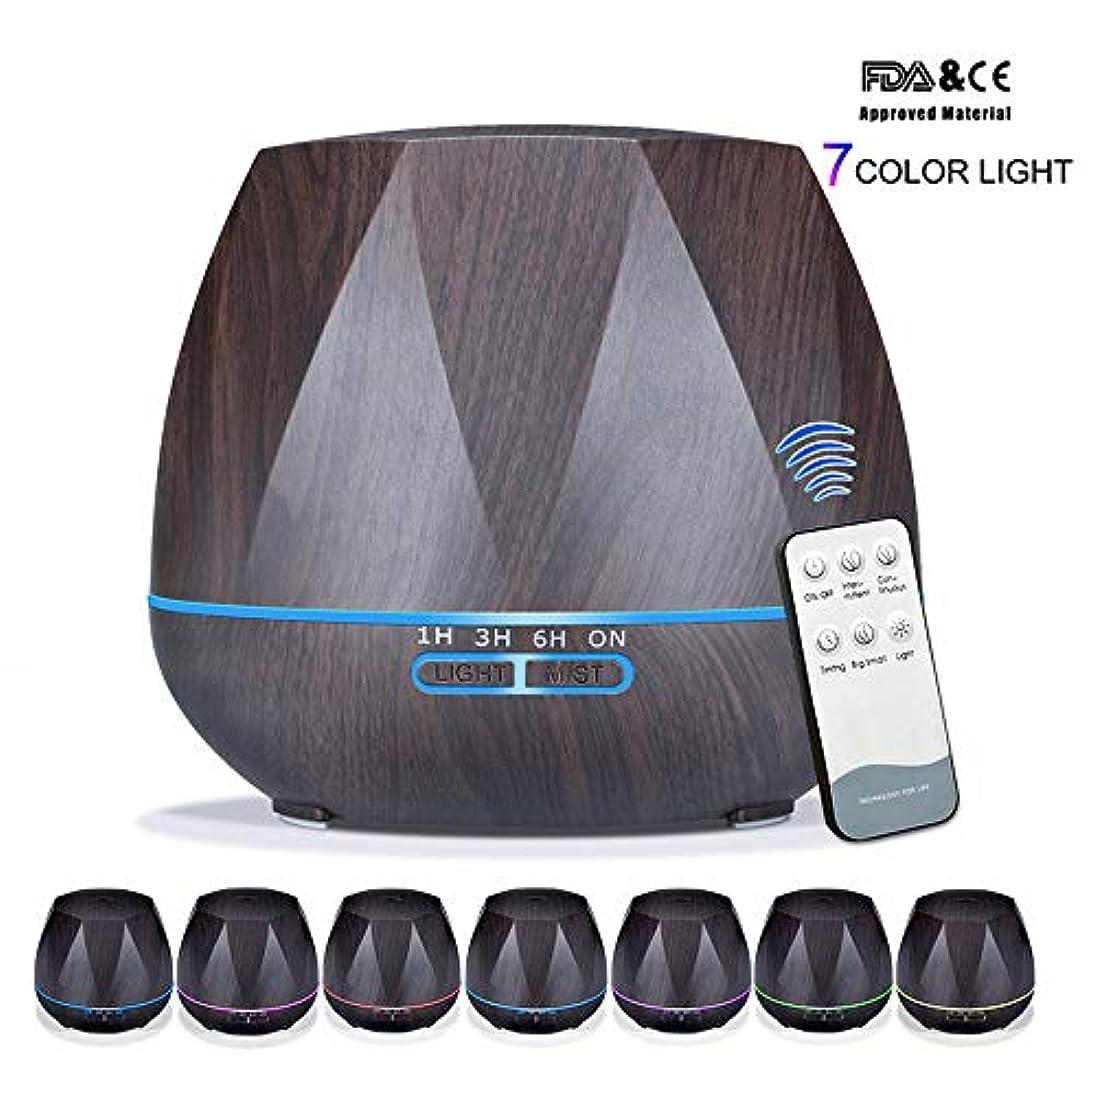 お客様軌道フライカイトアロマセラピーエッセンシャルオイルアロマディフューザーリモートコントロール7色LEDライトホームエアアロマディフューザー加湿器550ML,Black,Remote